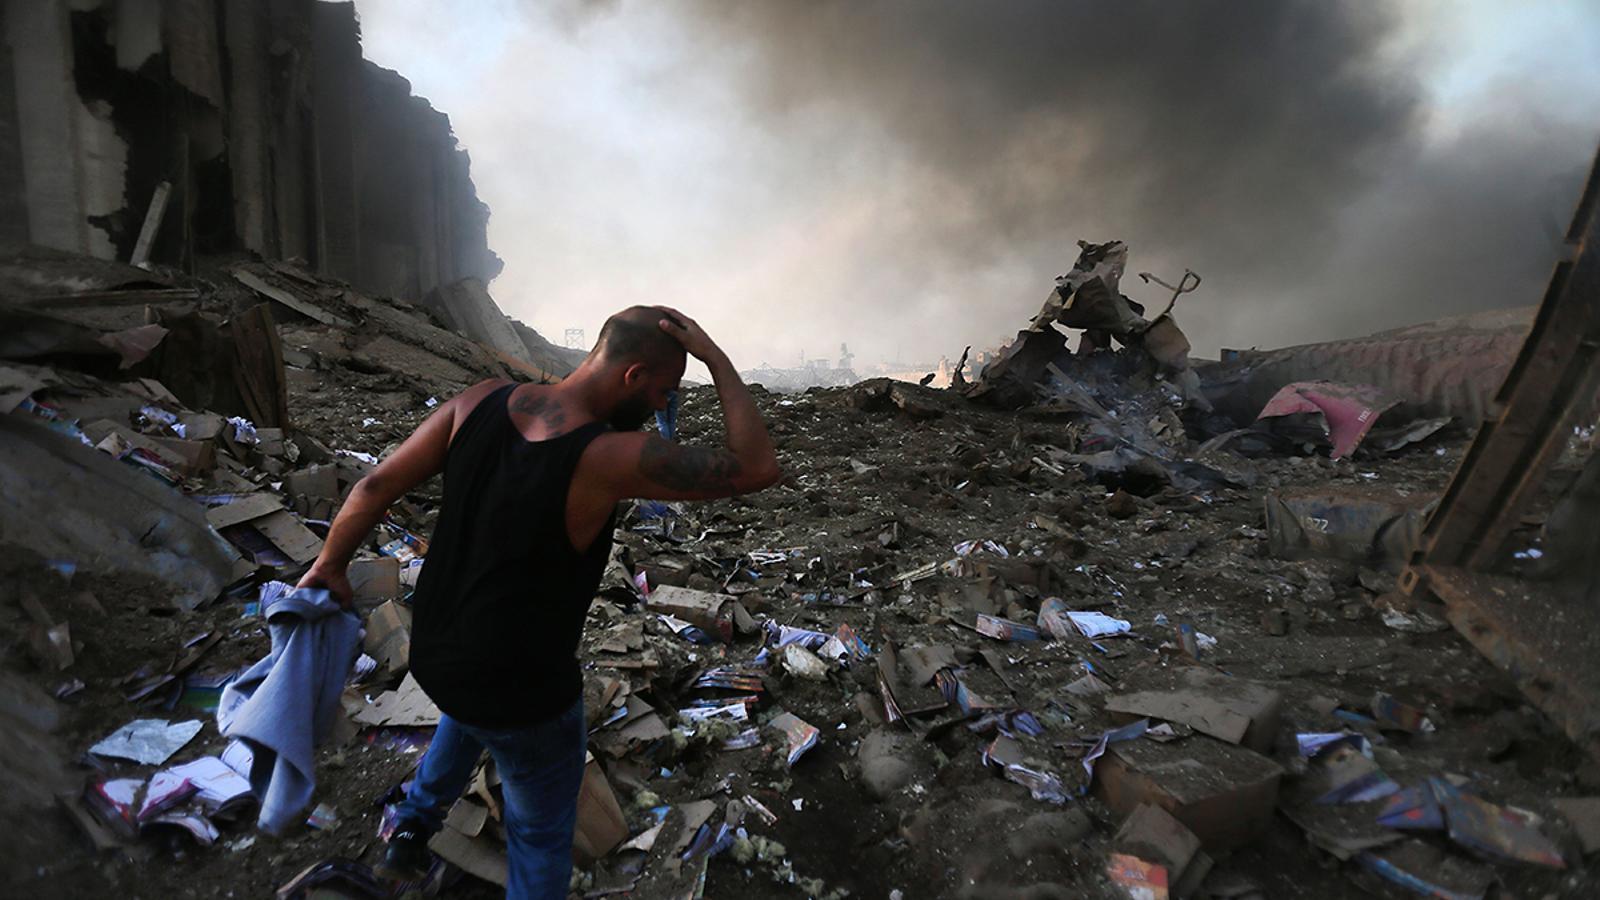 Què se sap de les explosions a Beirut?